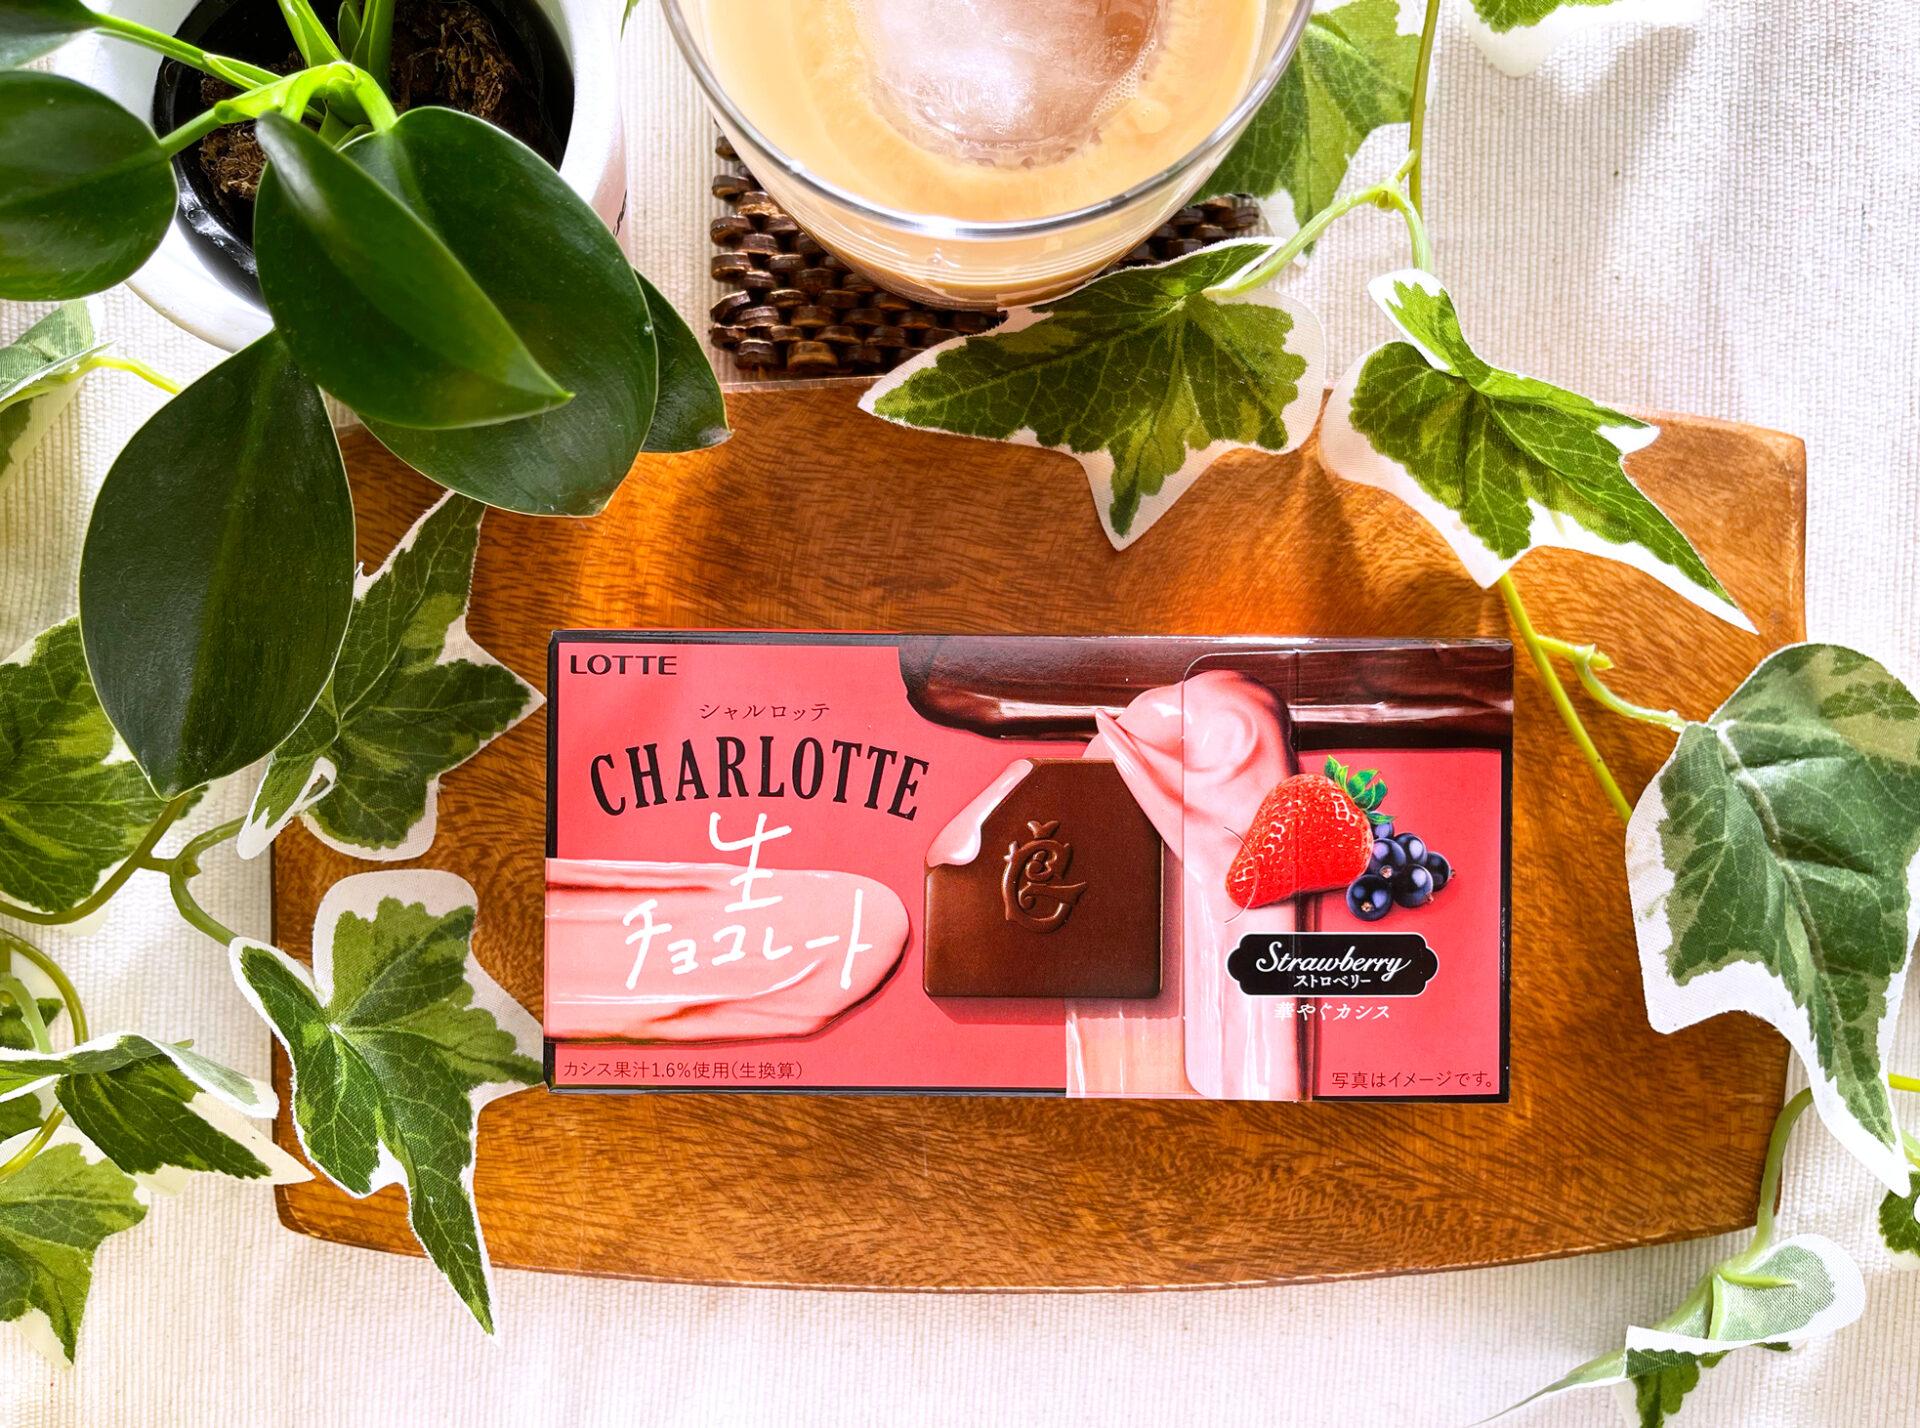 ロッテ『シャルロッテ 生チョコレート<ストロベリー>』